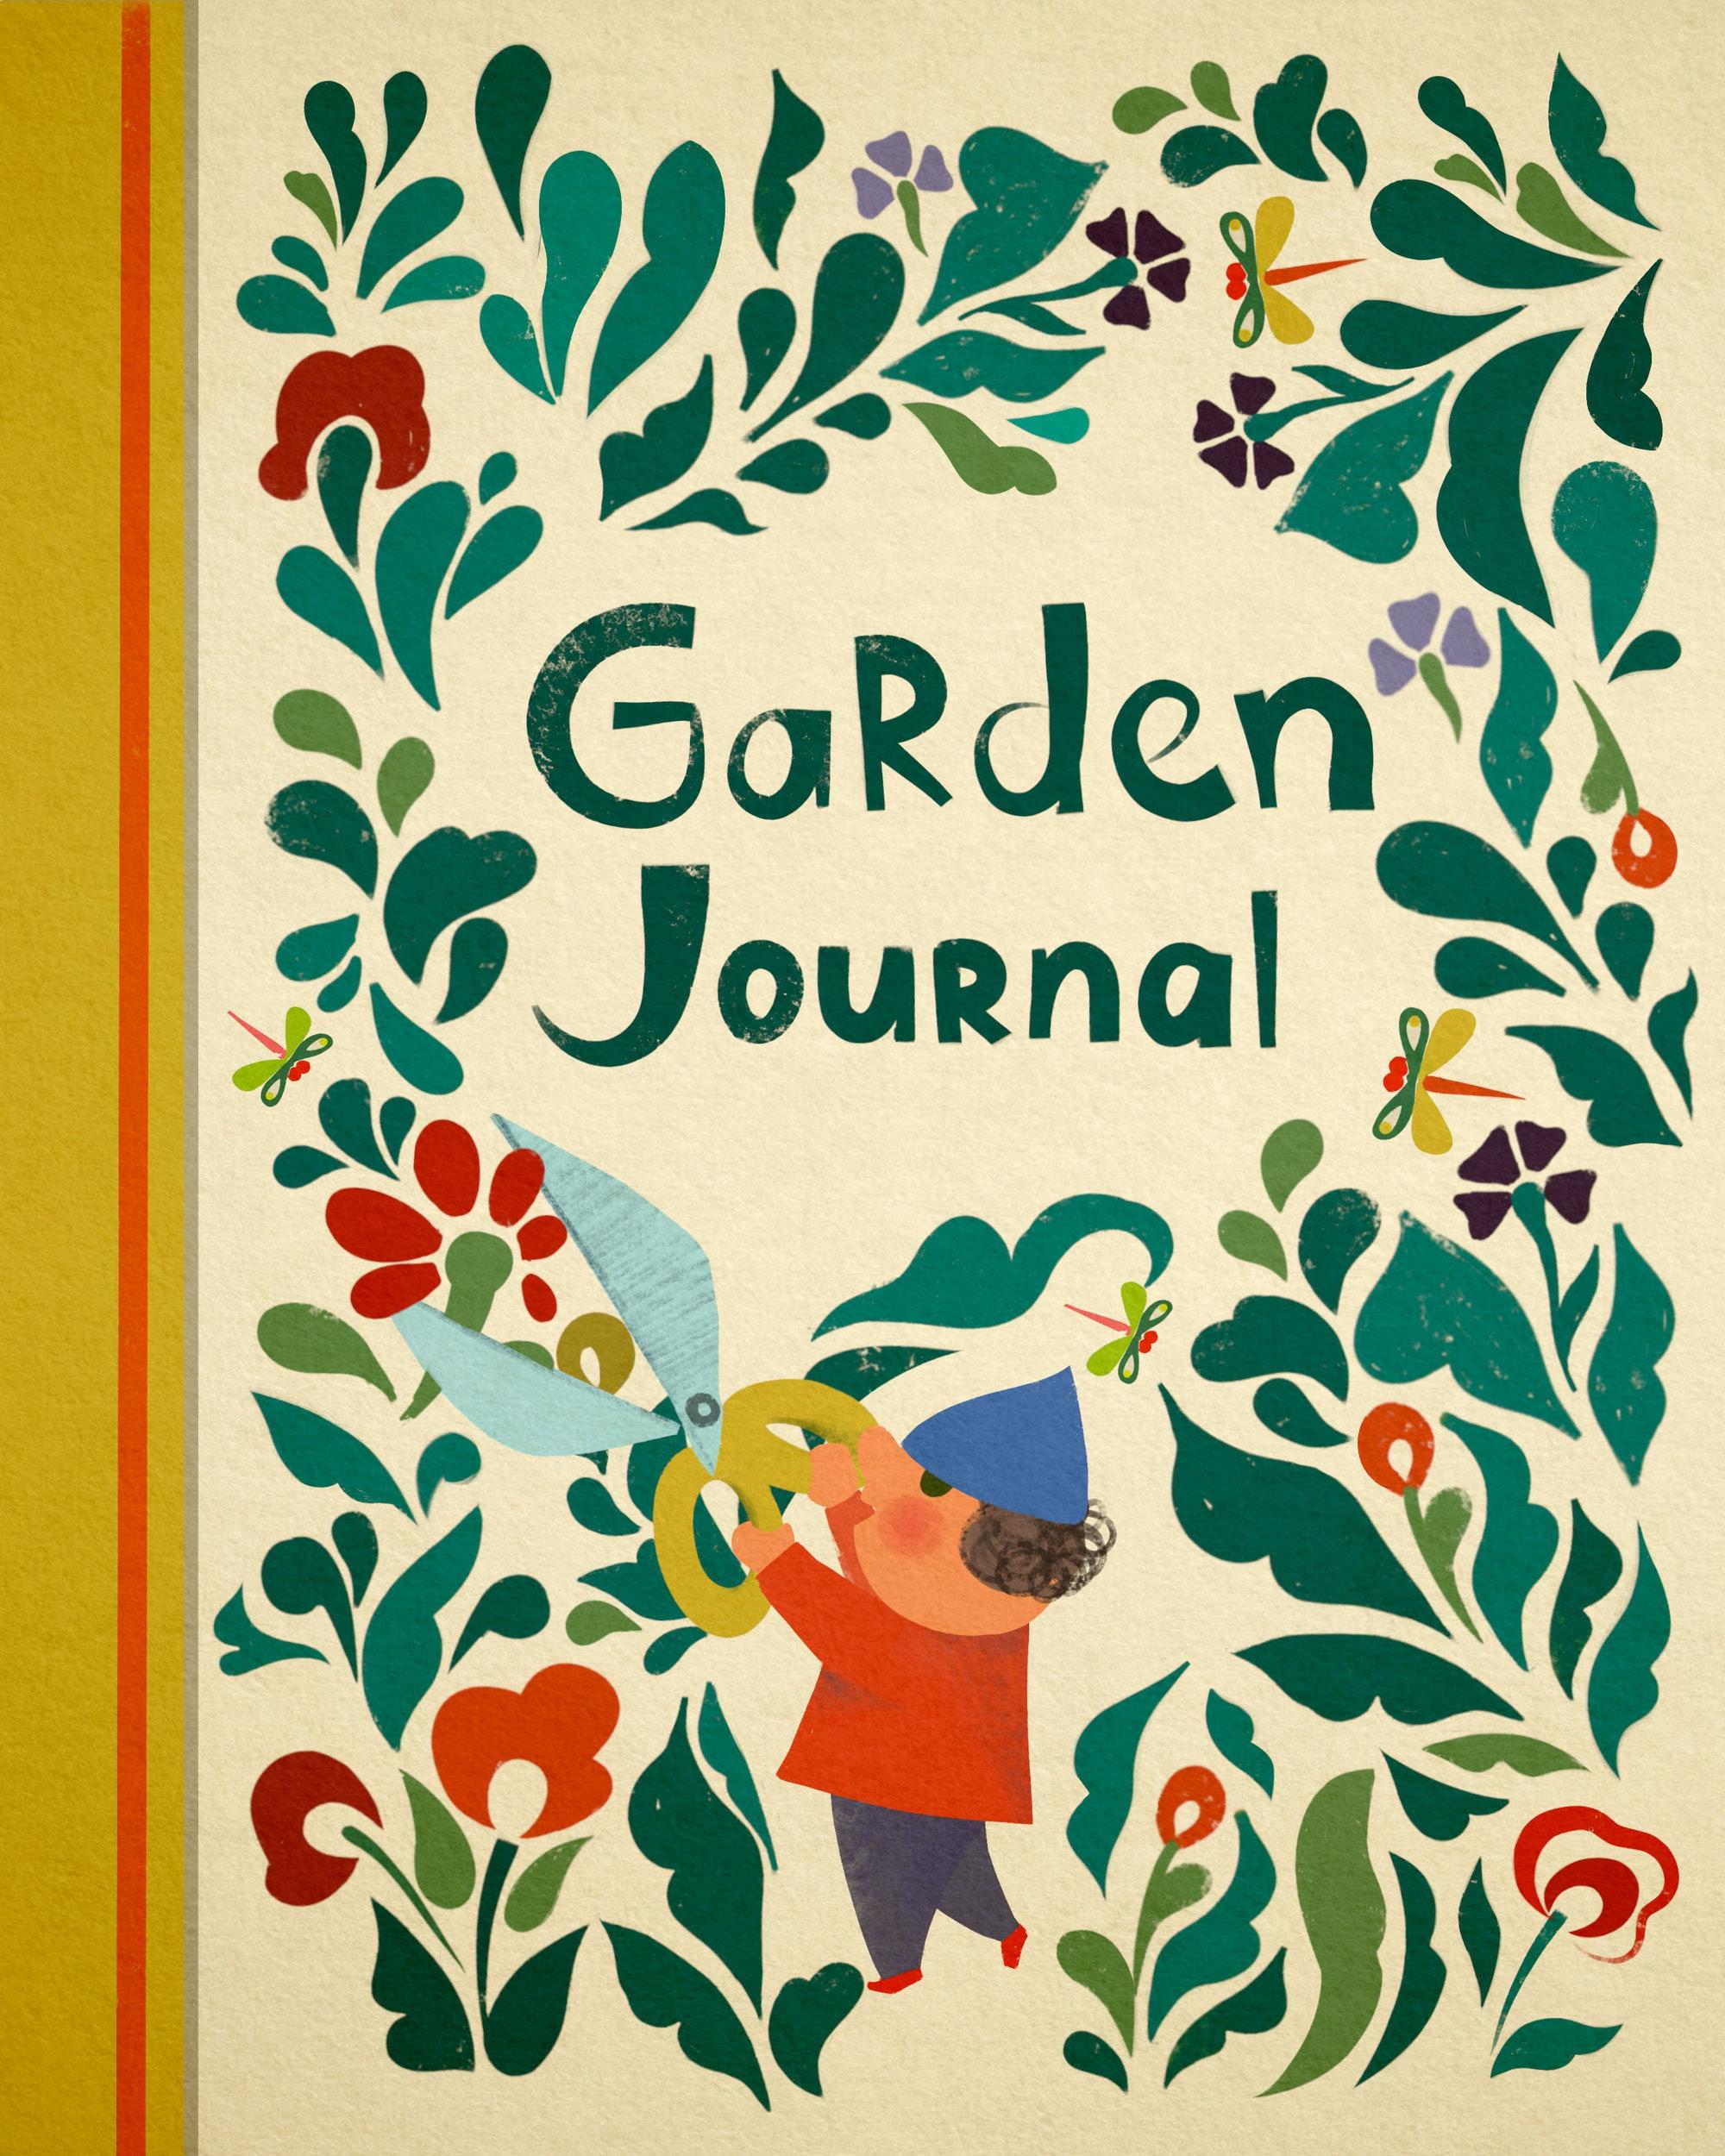 Garden Journal-Folio.jpg